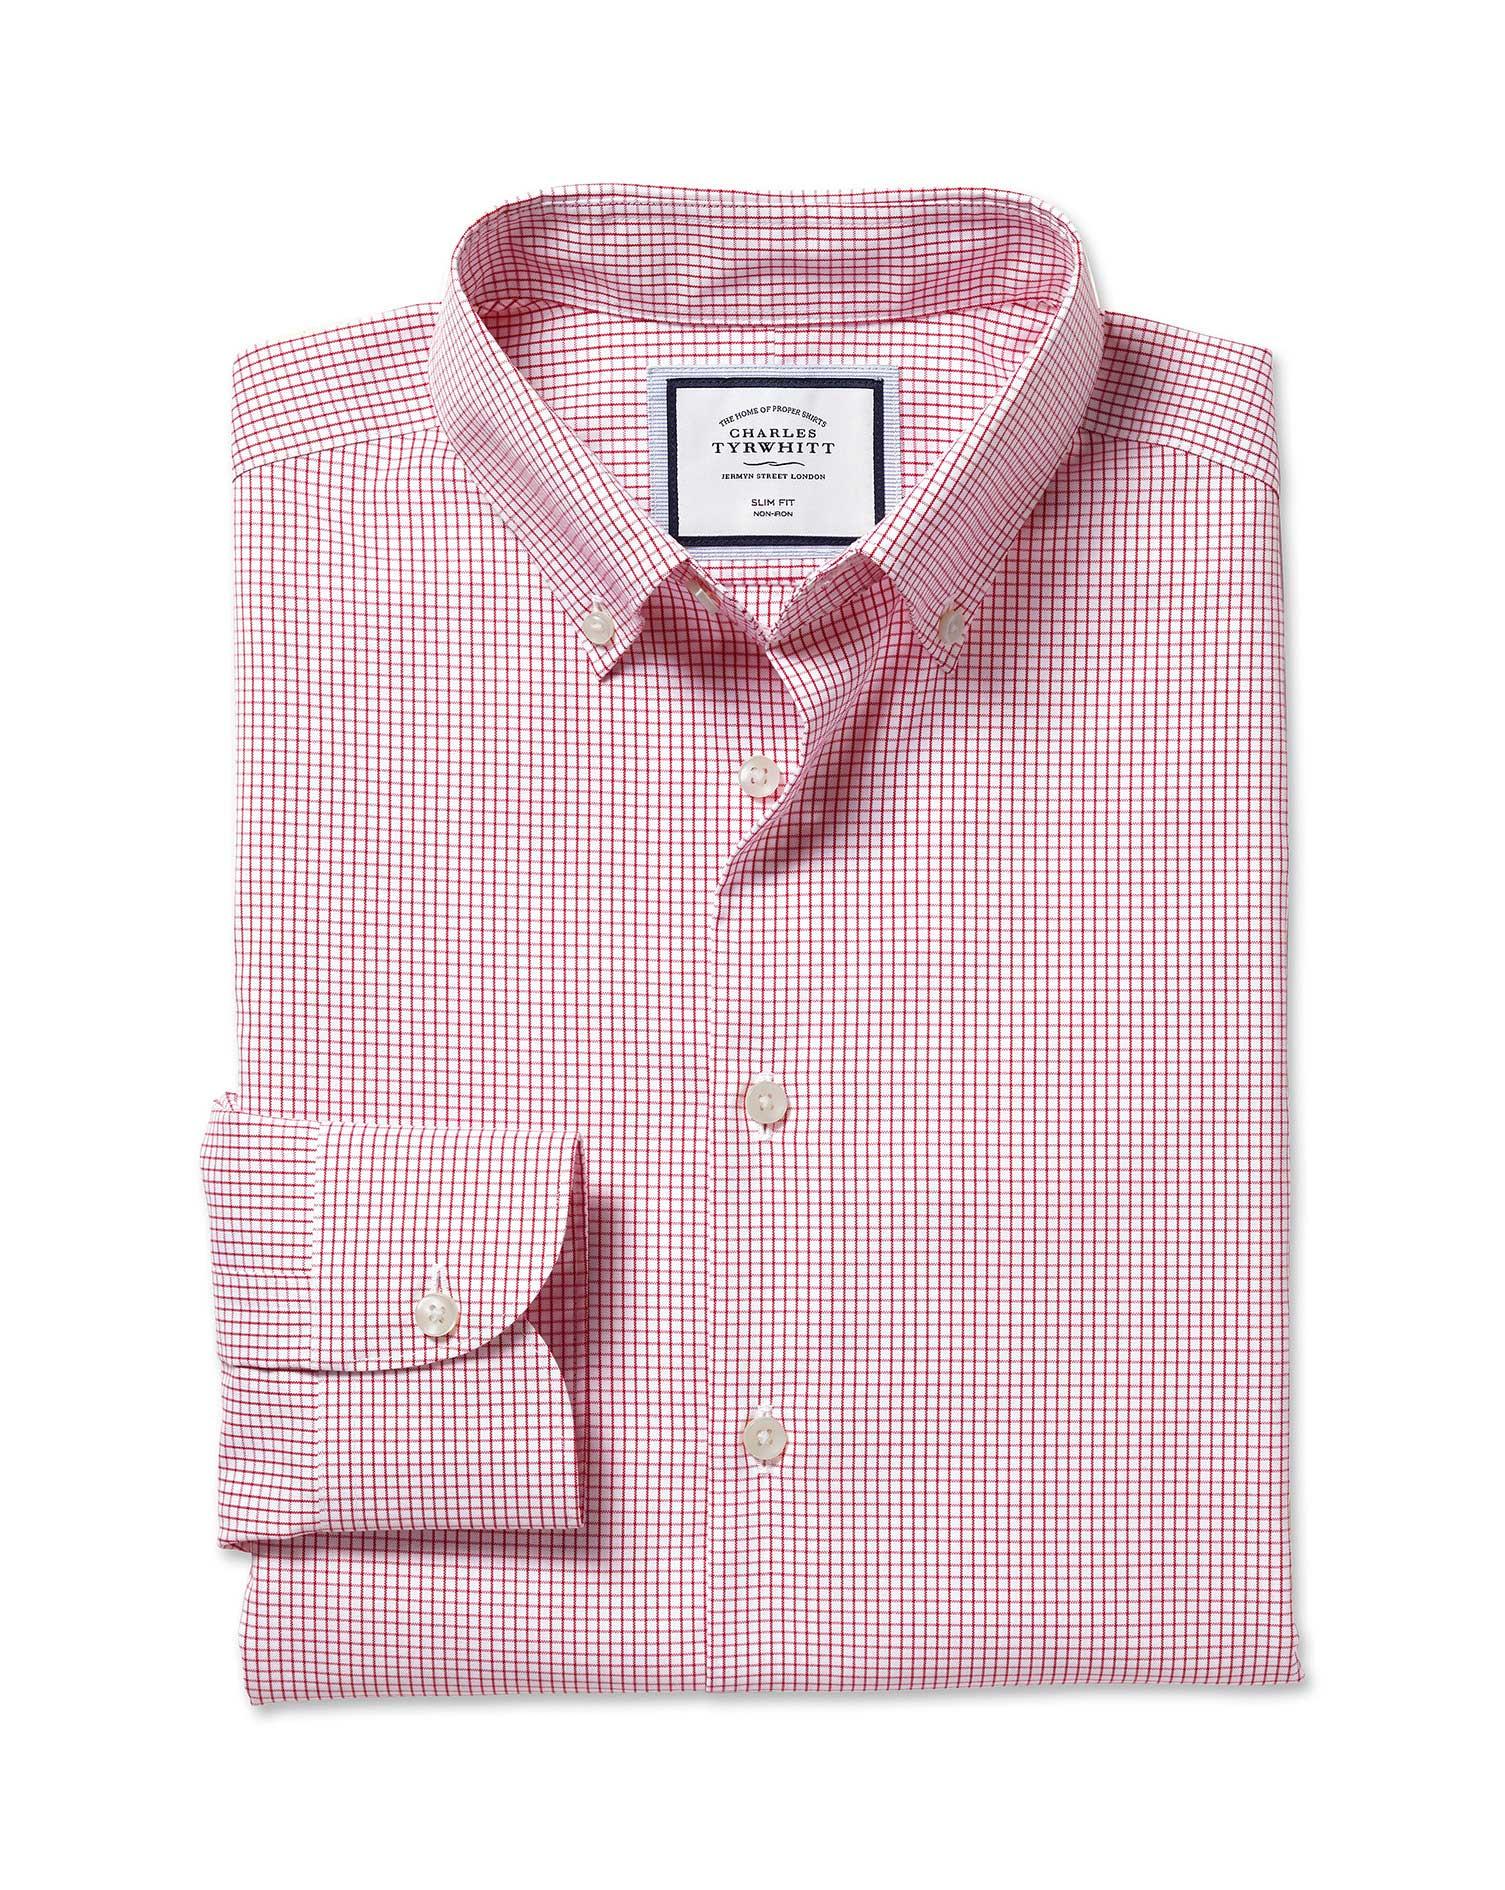 Cotton Button-Down Collar Non-Iron Check Shirt - Red